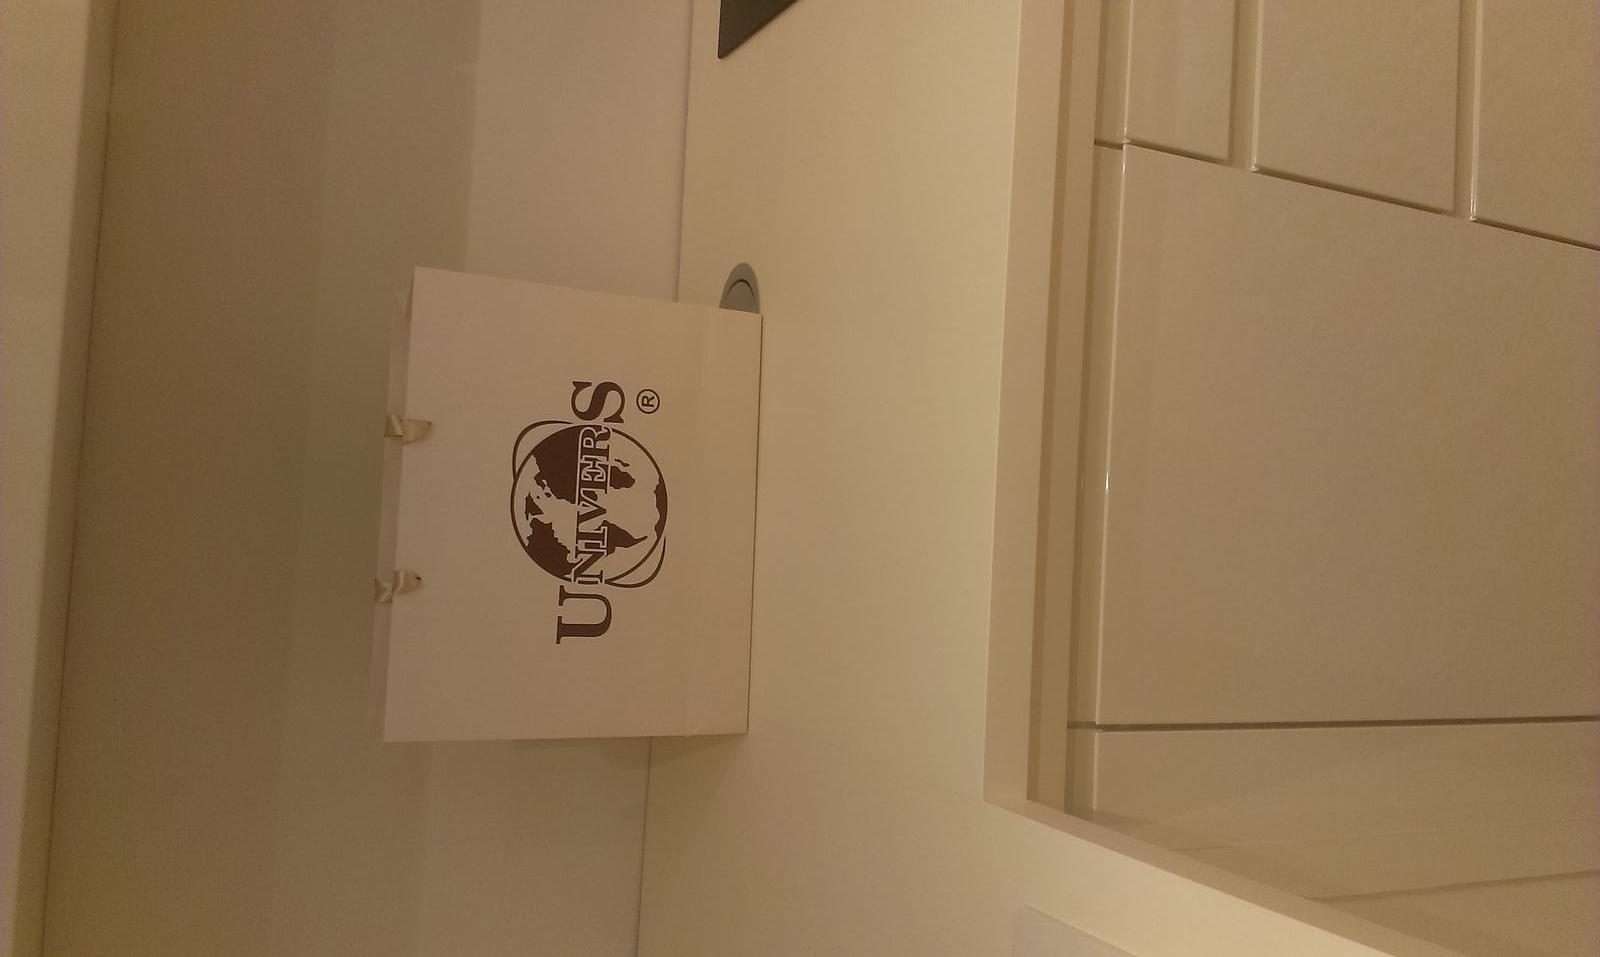 Kuchyna dan - zastenu by som predstavovala ako na tej reklamnej taske taku coko hnedu